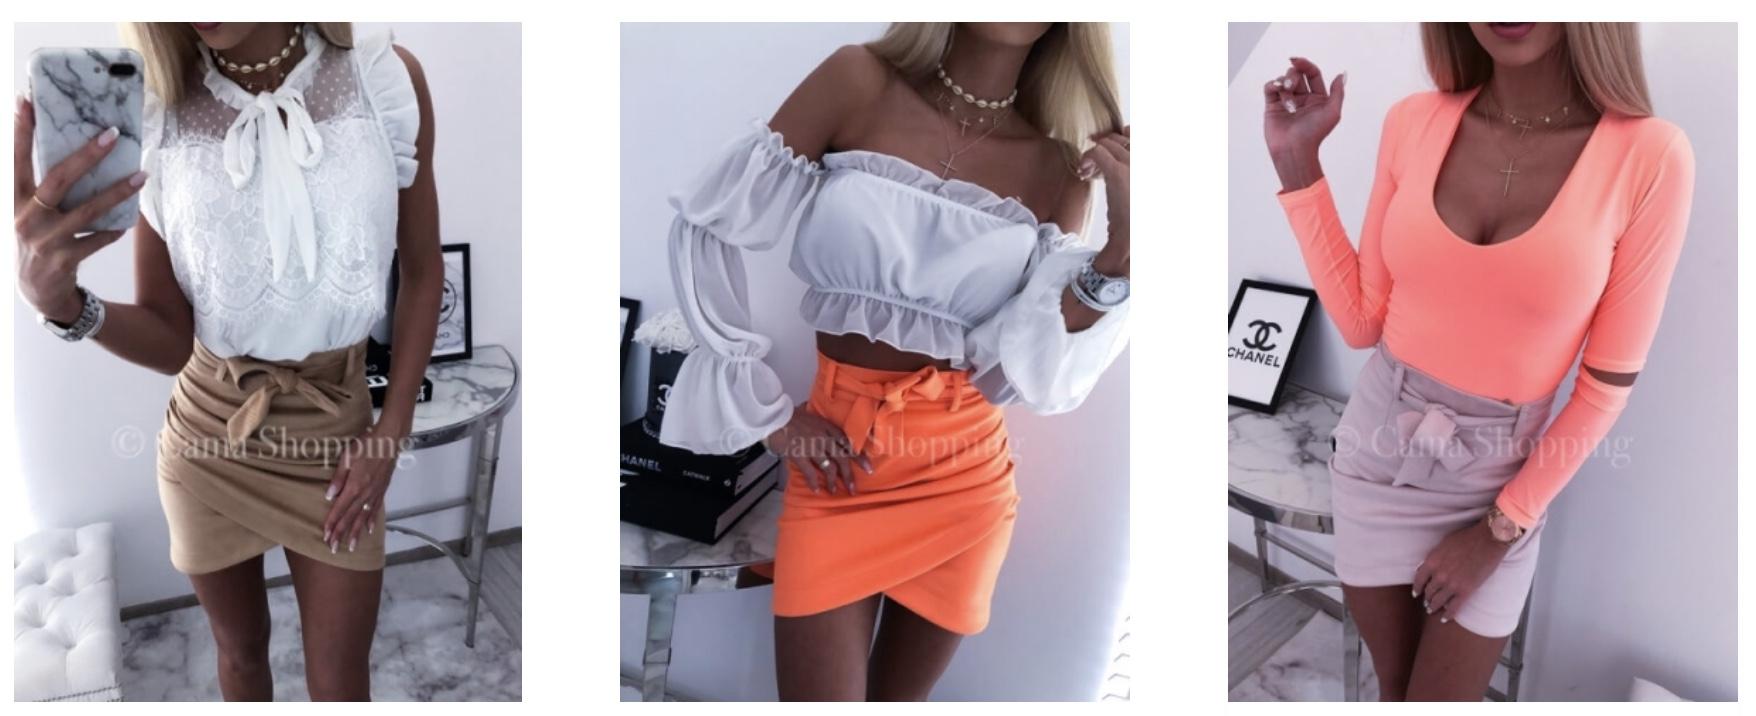 Bluzki damskie dostępne wCama Shopping